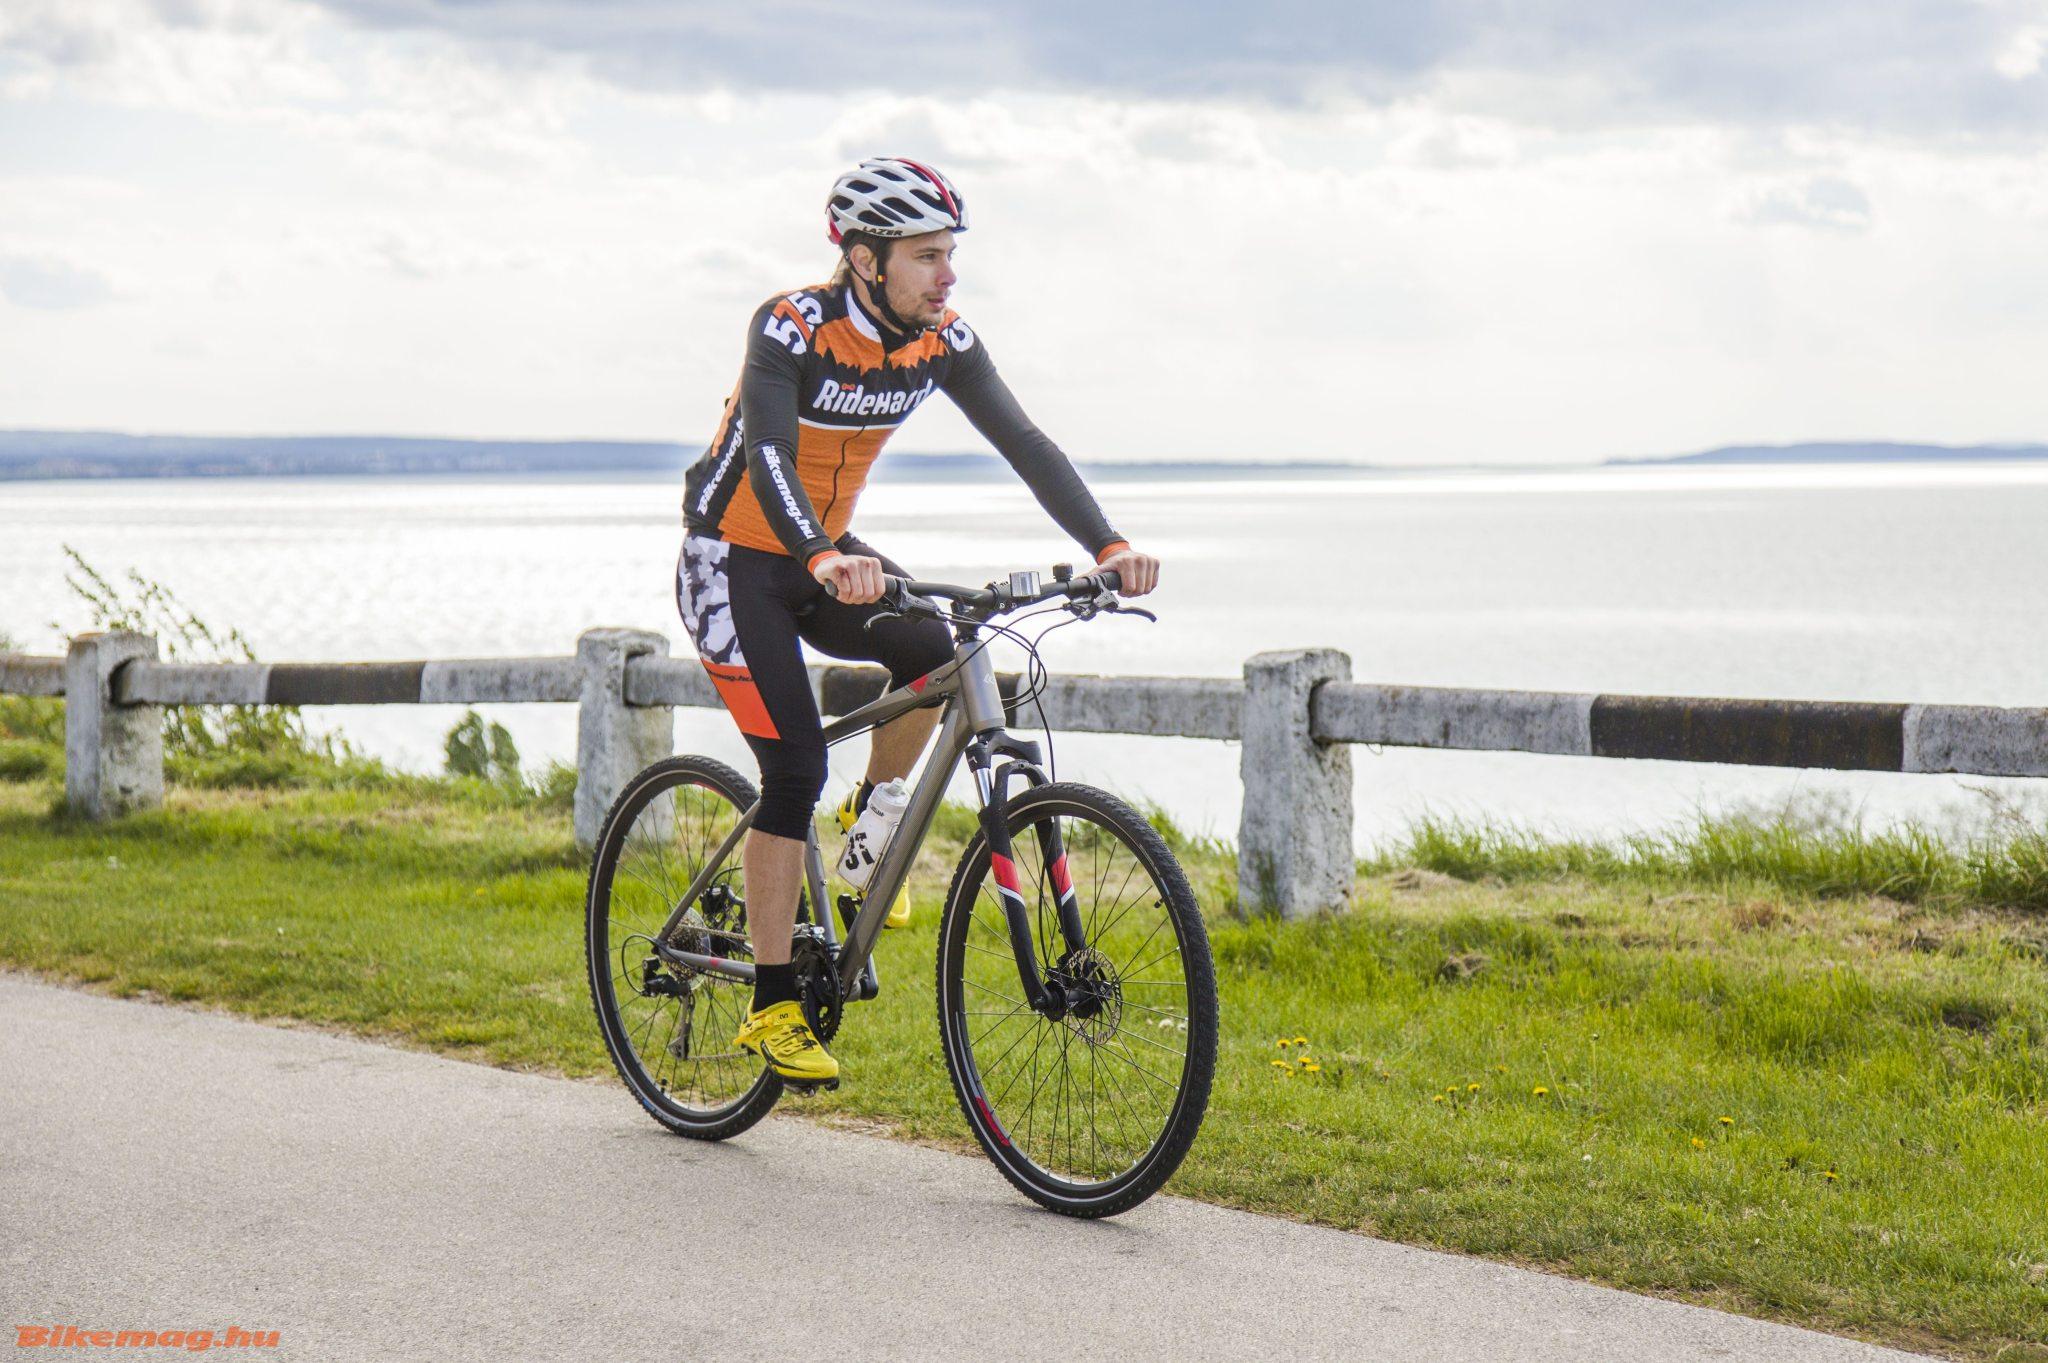 Kross Evado 4.0 - kifejezetten sokoldalúan használható kerékpár